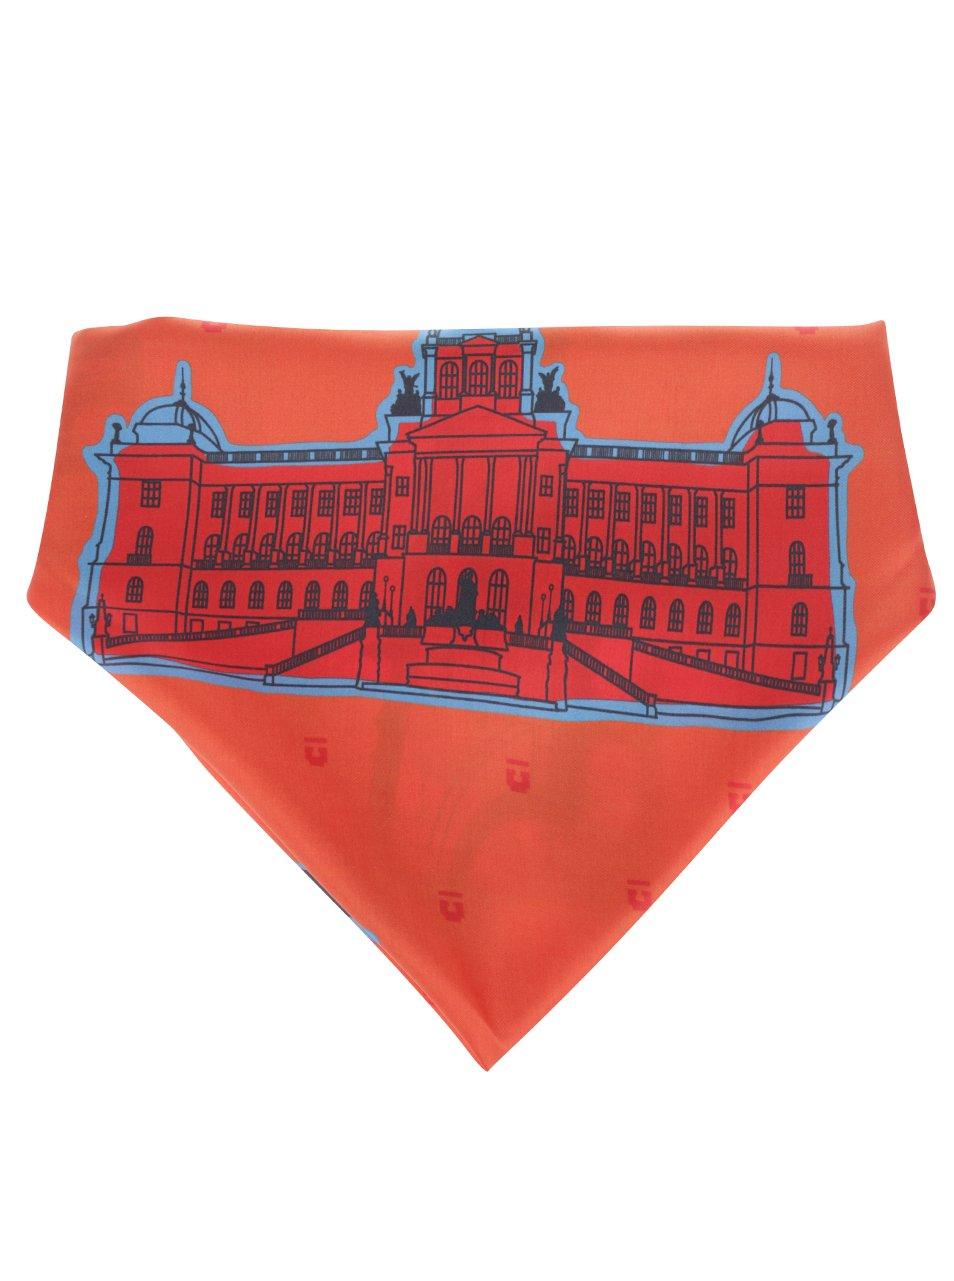 Oranžový hedvábný šátek s motivy pražských památek Emblemm